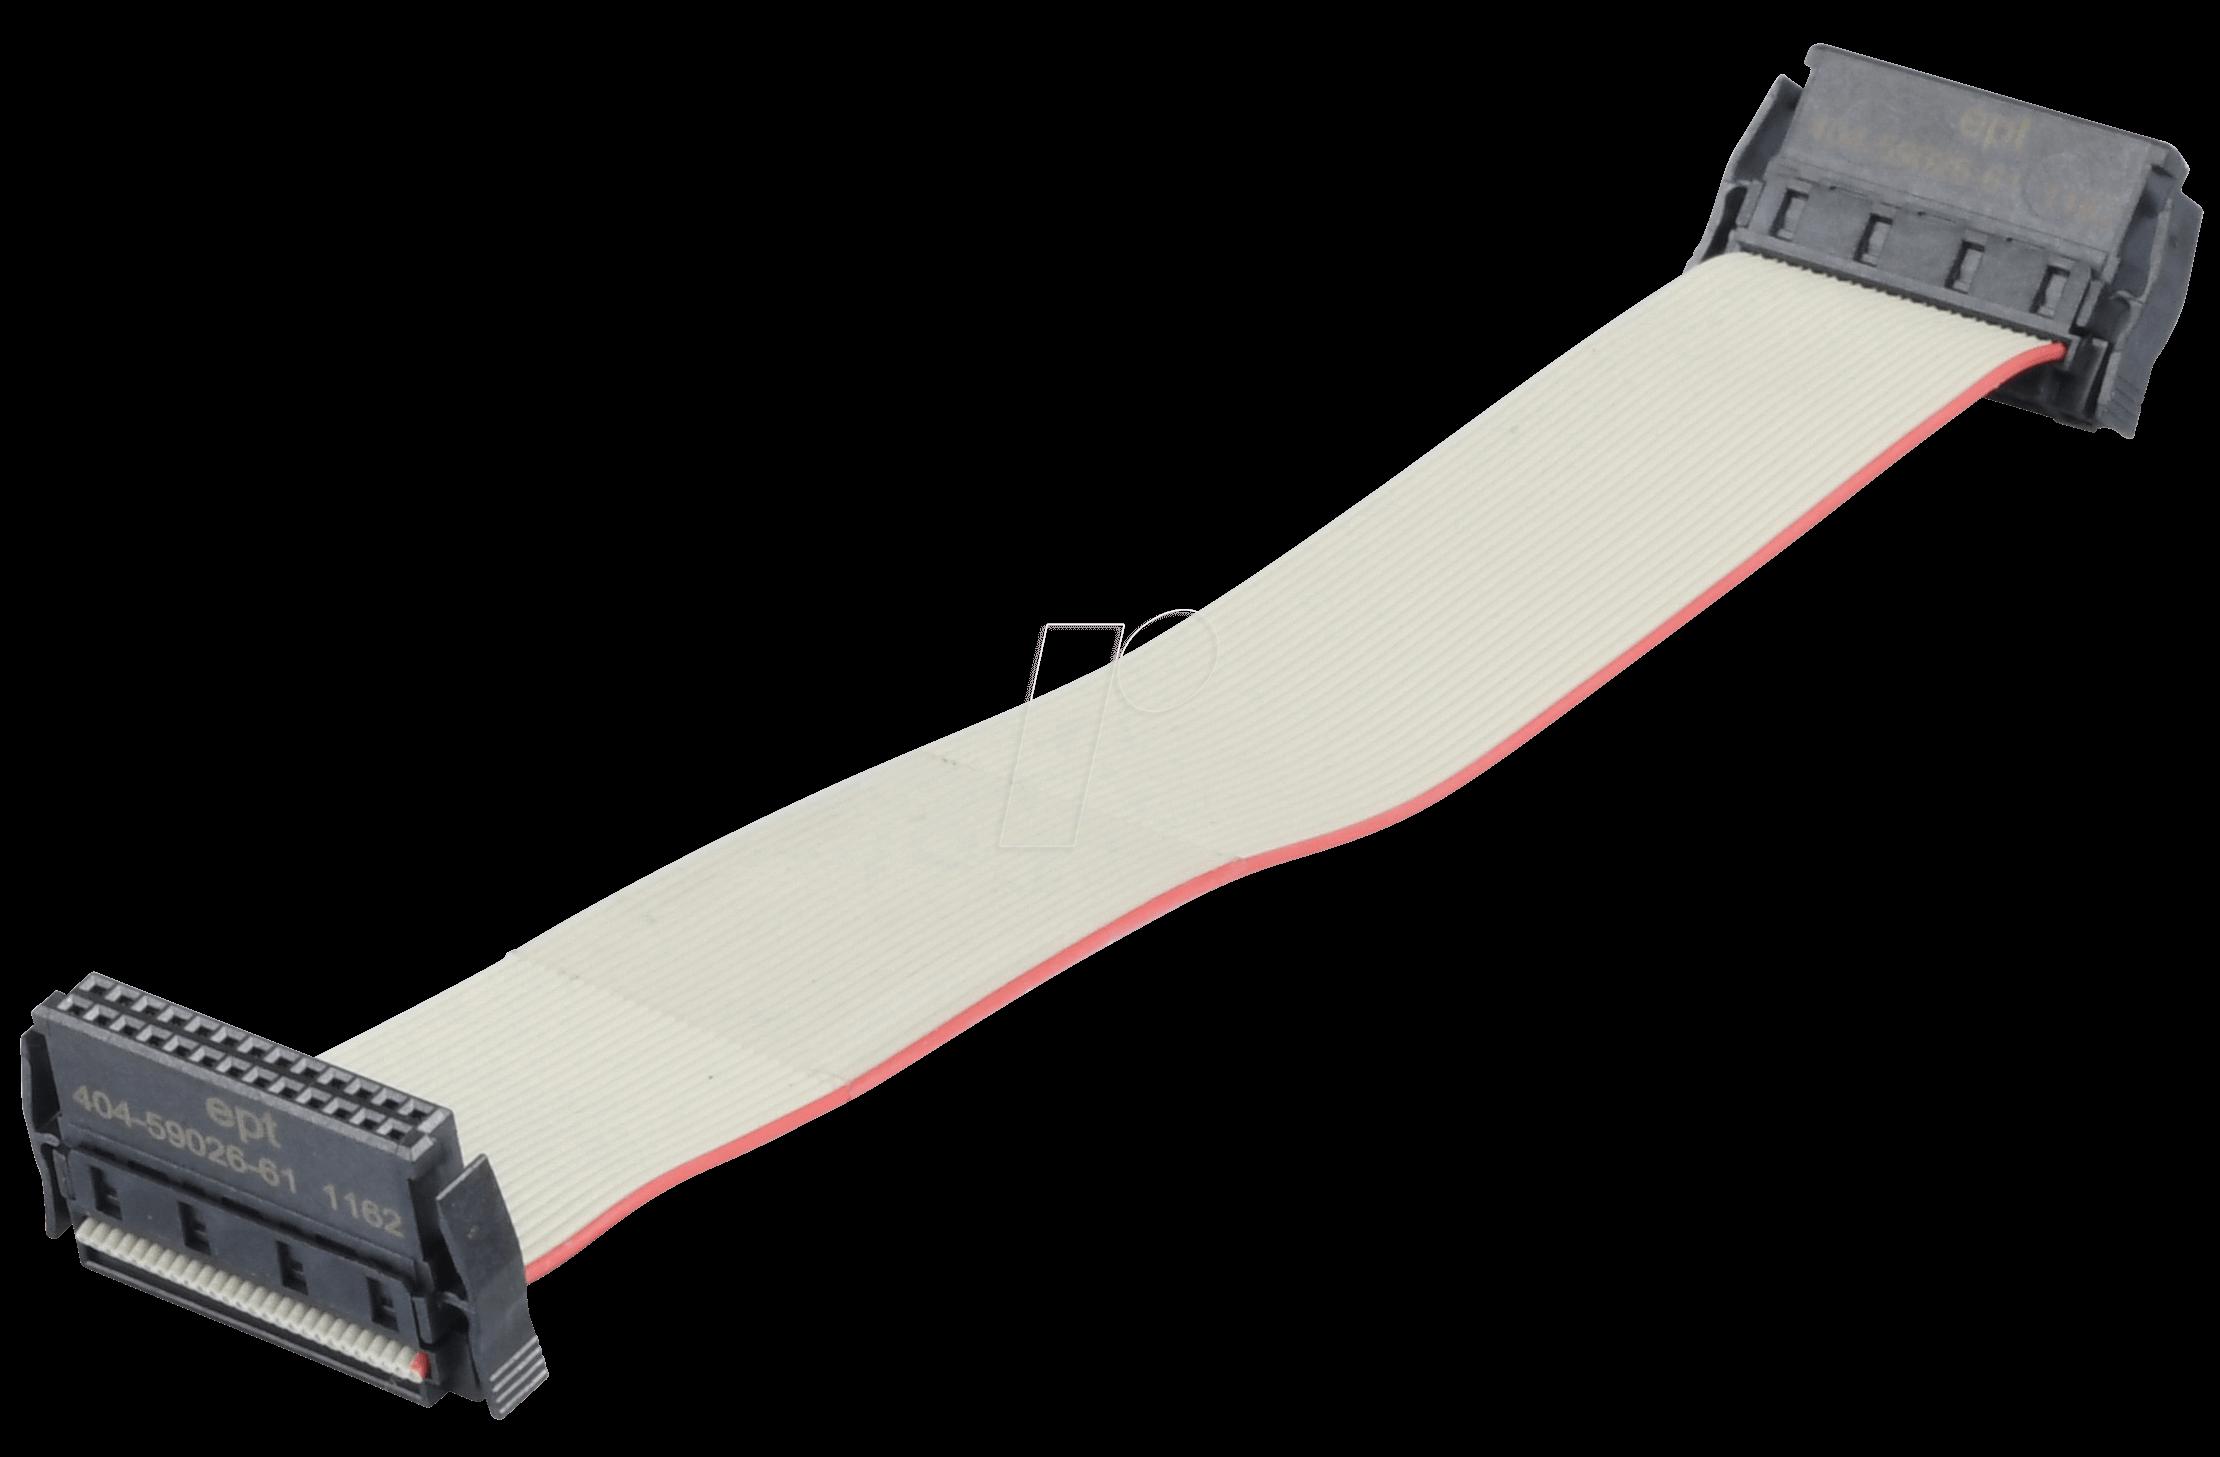 ONE27 IDC 26-100: One 27 Kabelverbinder, 100 mm, 26-pol bei reichelt ...